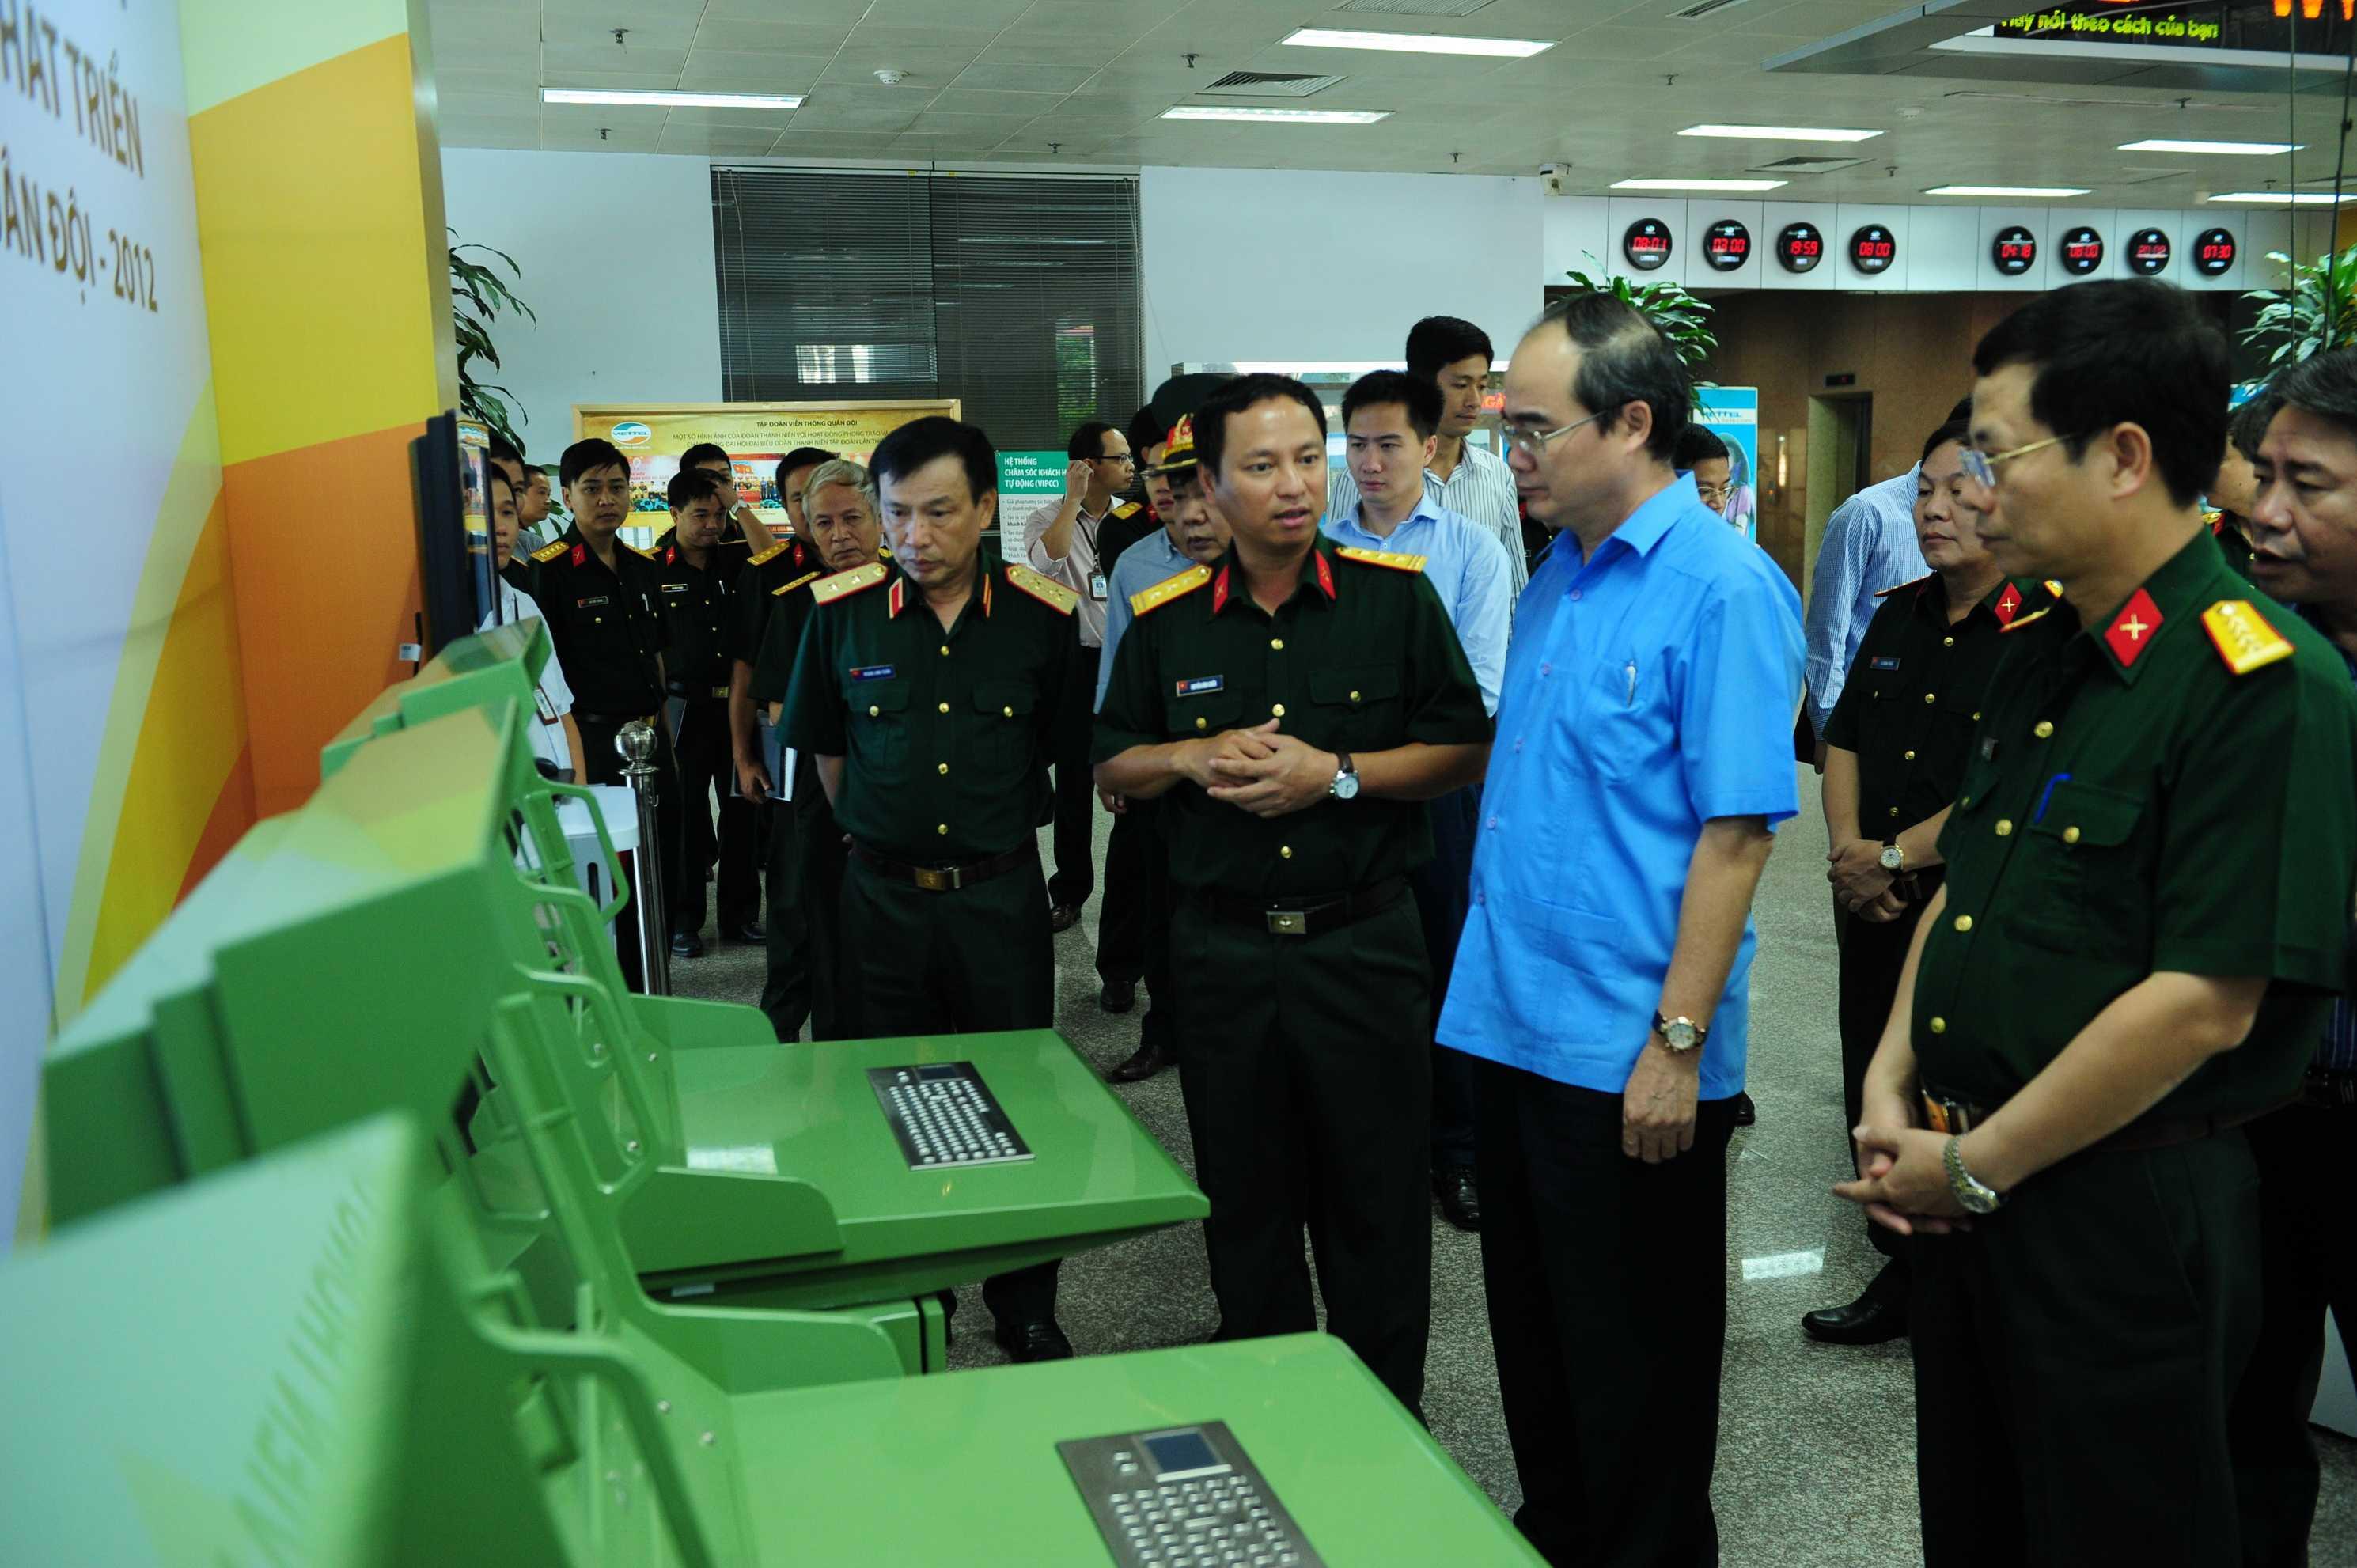 Ông Nguyễn Đình Chiến – Viện trưởng Viện nghiên cứu phát triển Viettel đang thuyết trình về  hệ thống quản lý vùng trời mới do Viettel thiết kết và sản xuất.